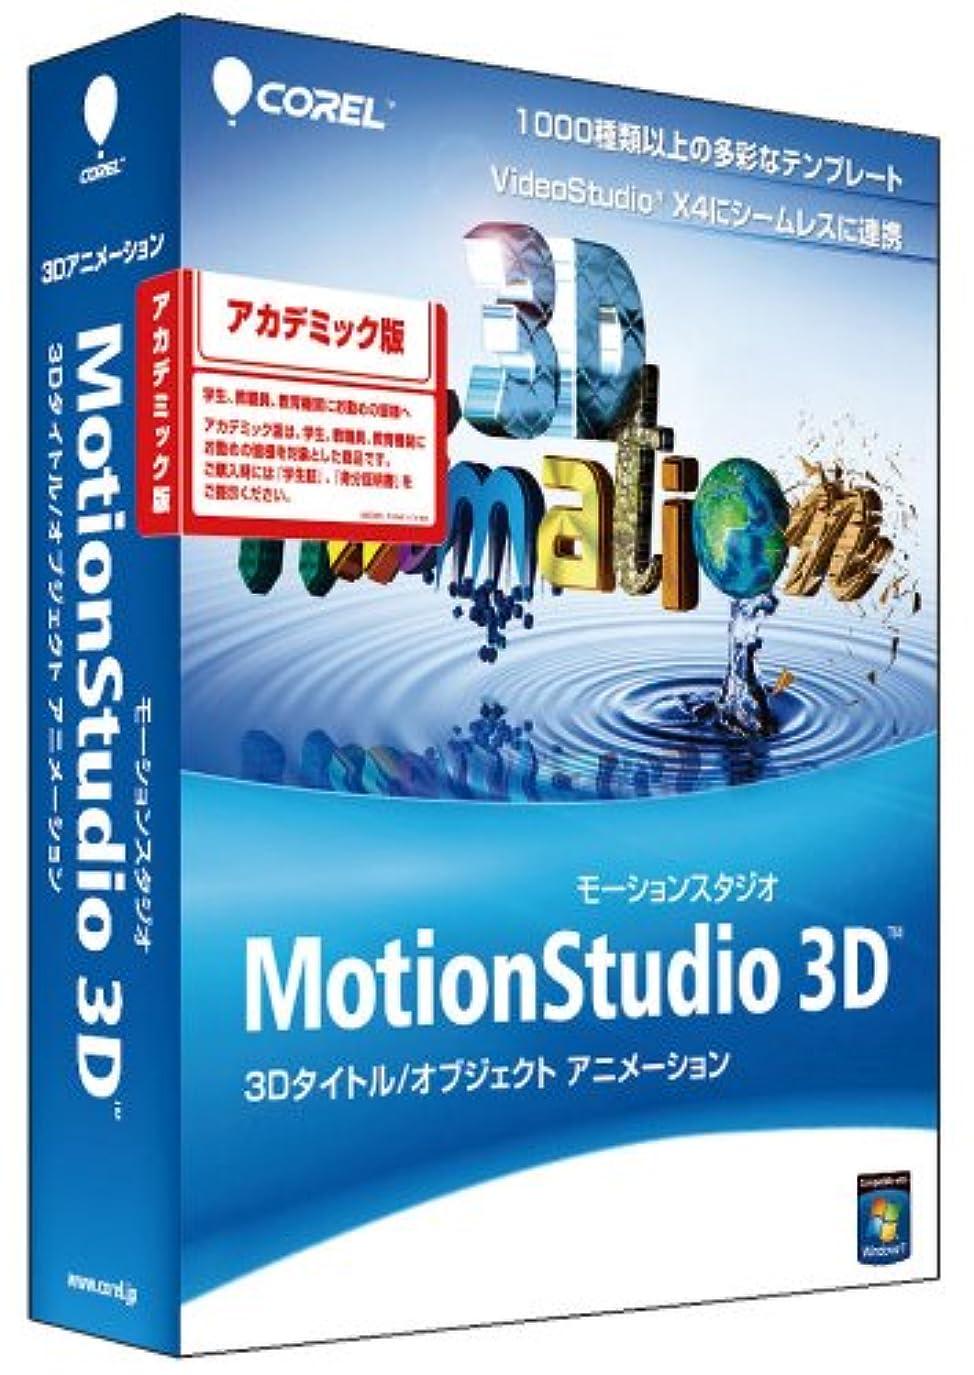 MotionStudio 3D アカデミック版